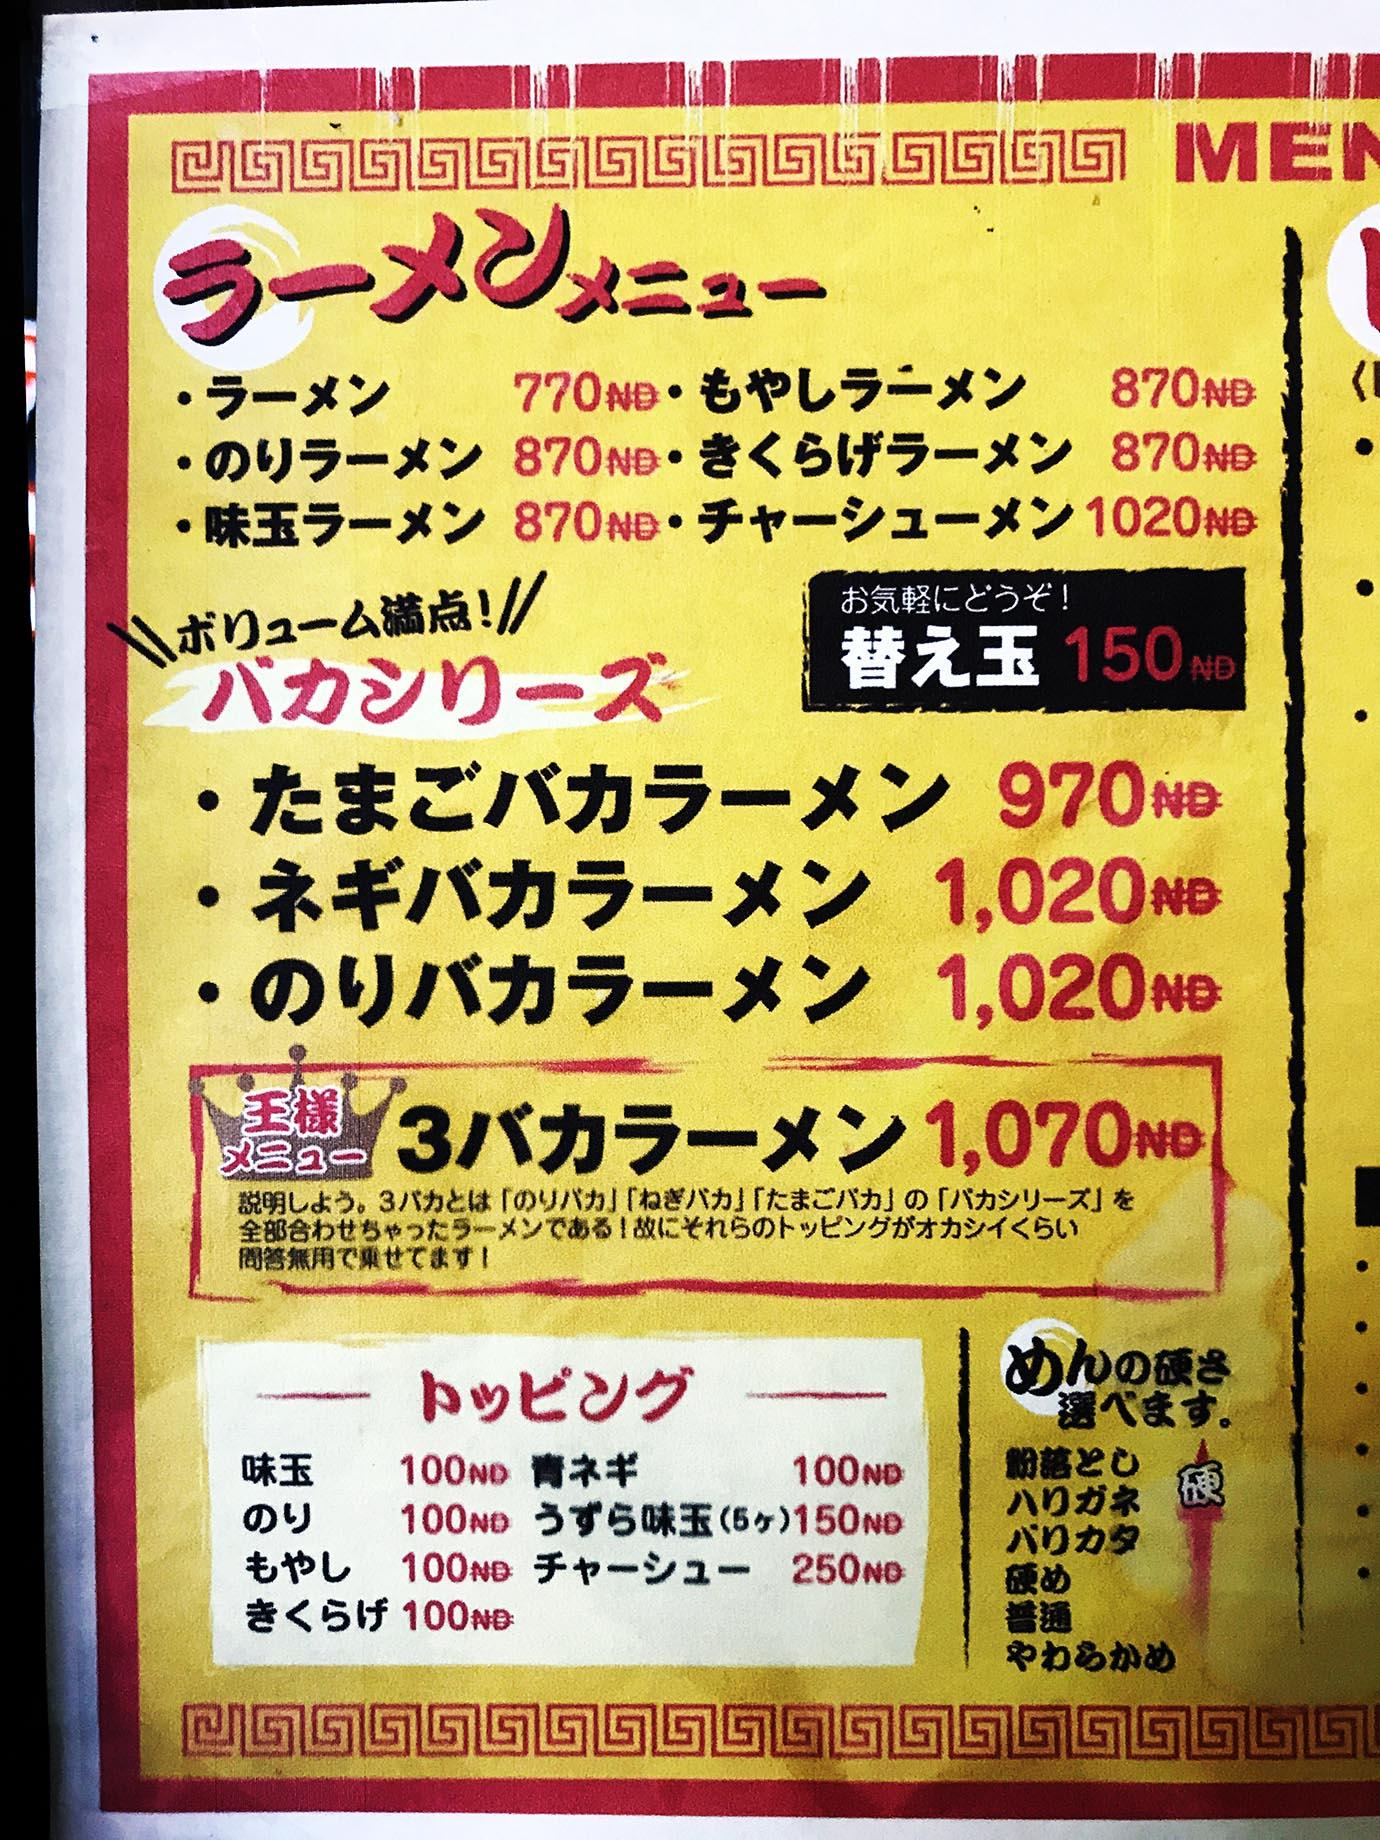 nanden-kanden-fukkatsu12